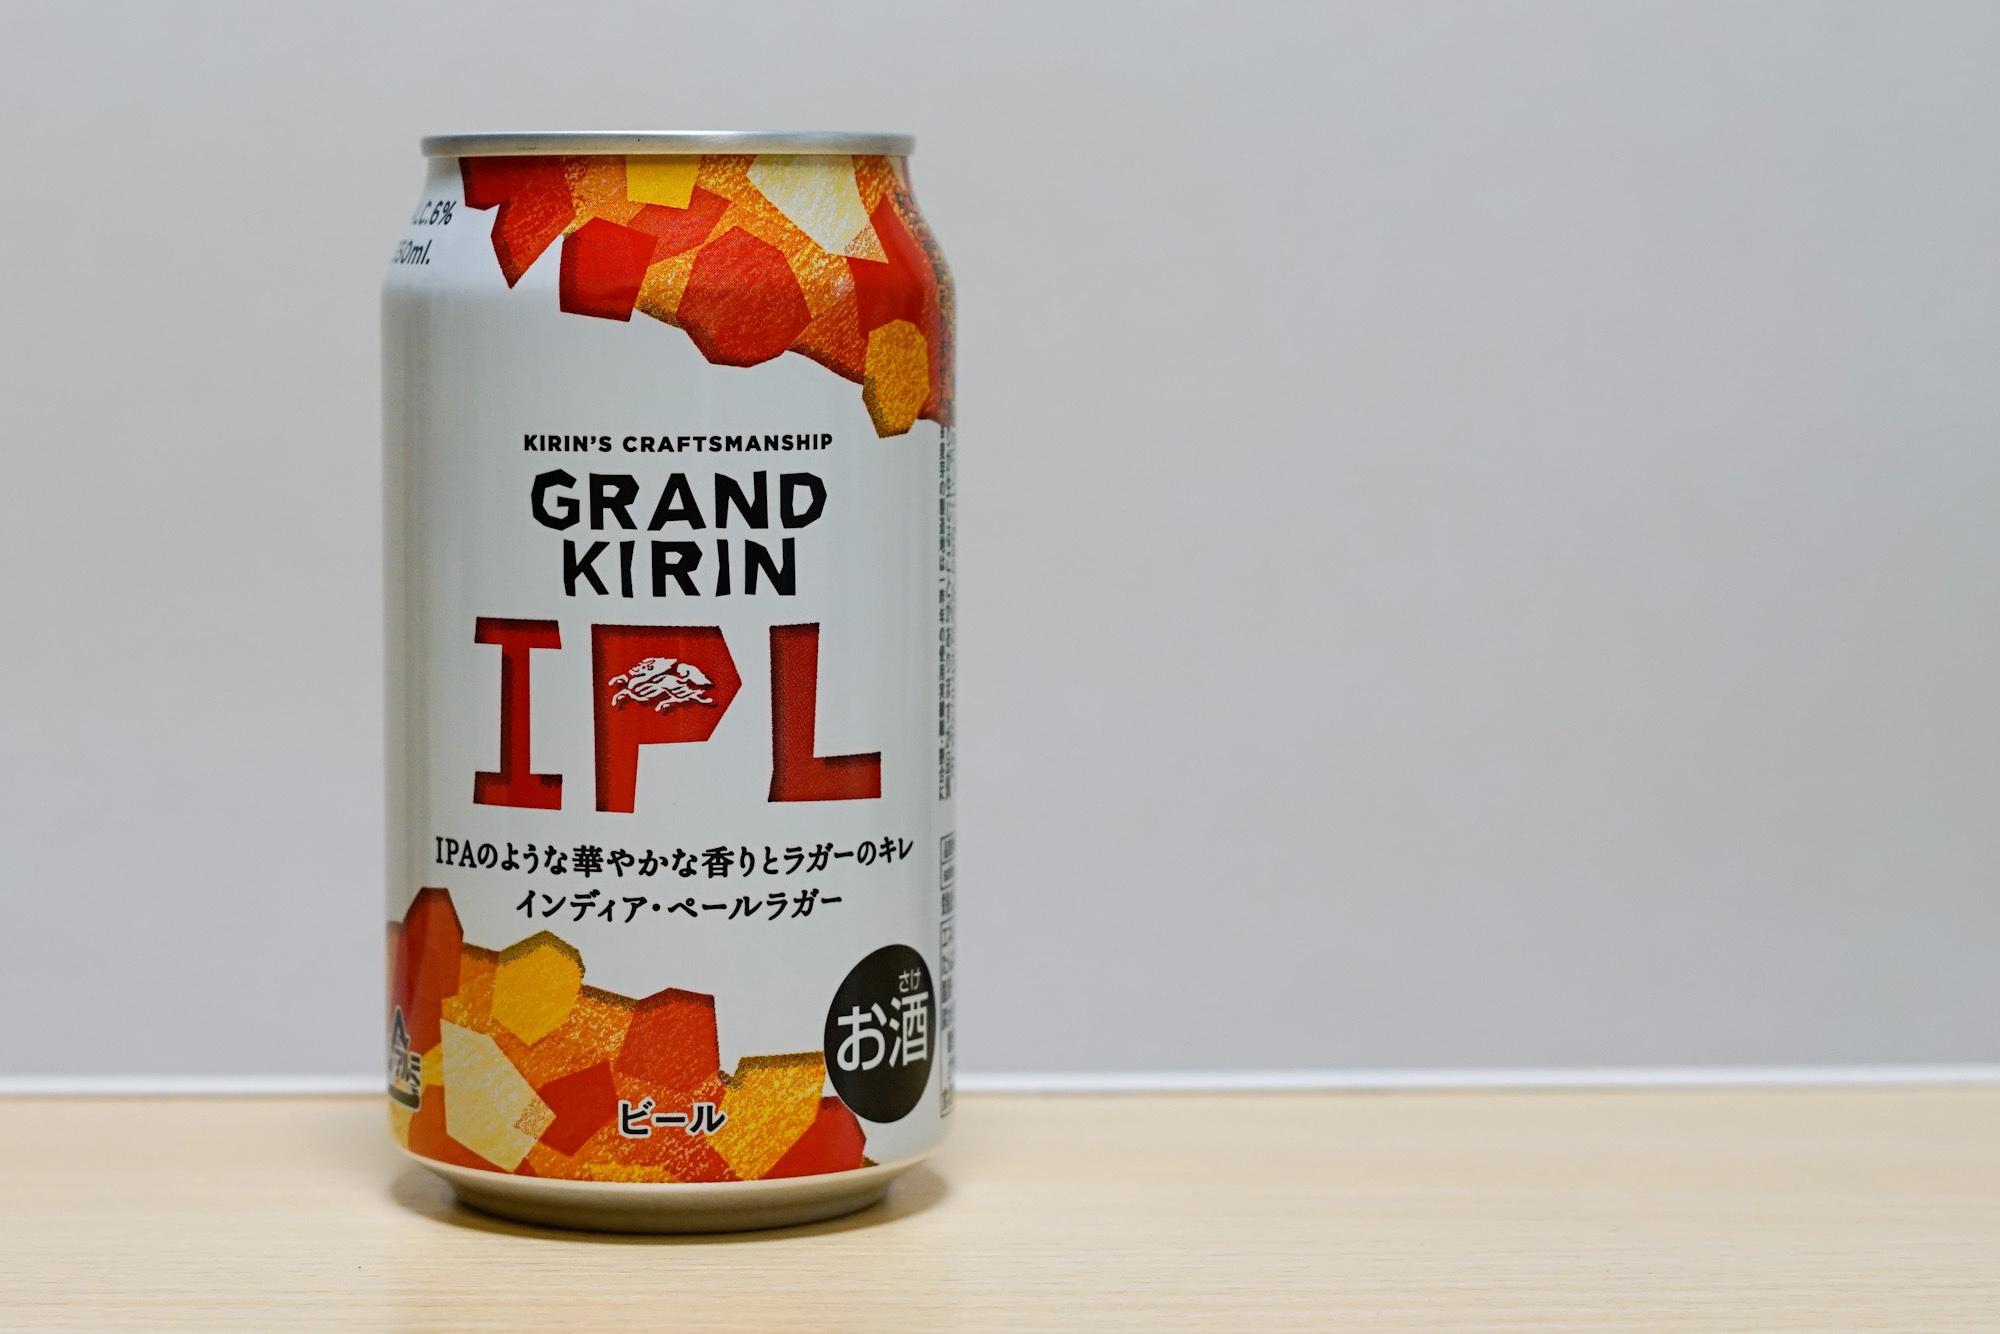 グランドキリン Ipl評価感想レビュー激安価格情報